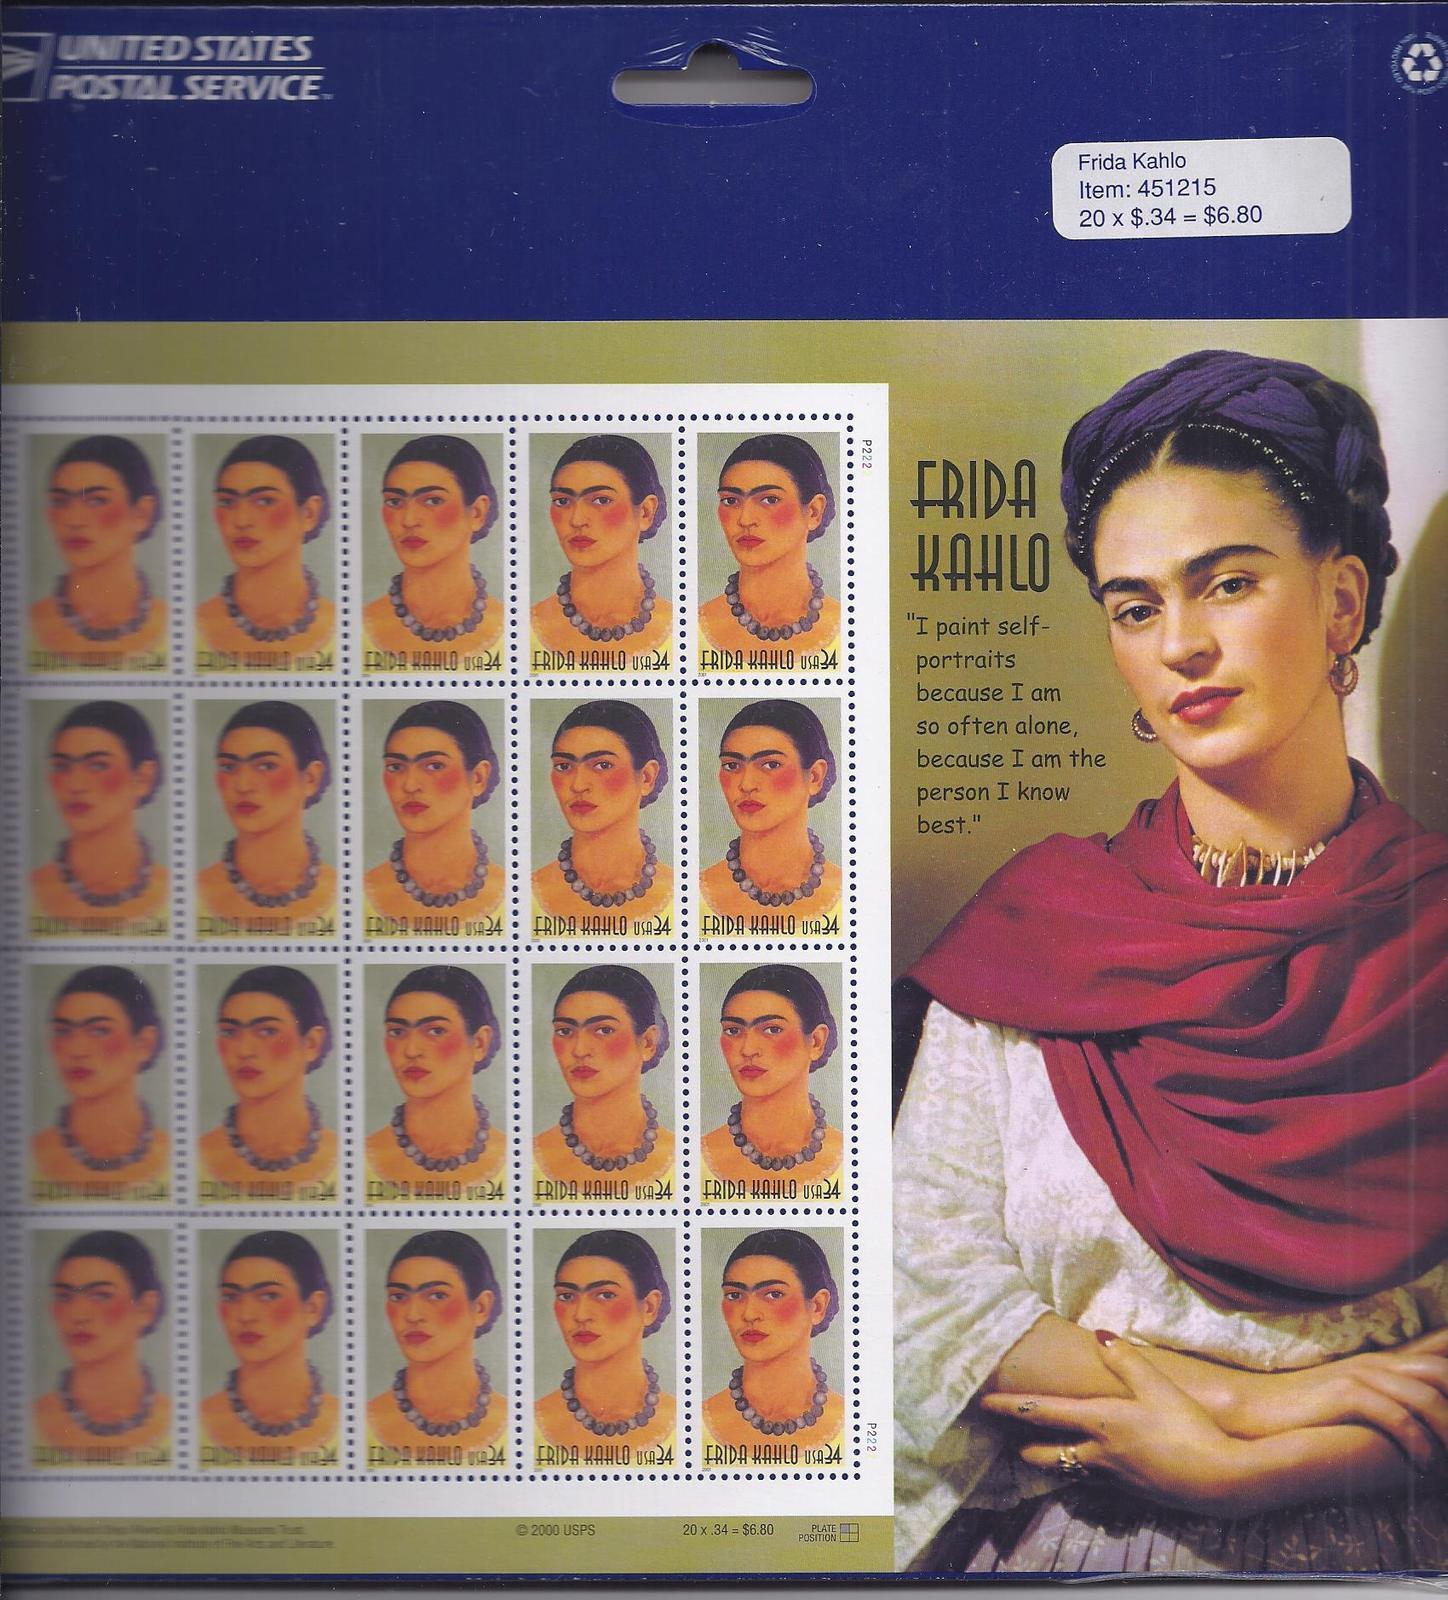 Frida kahlo stamp shee